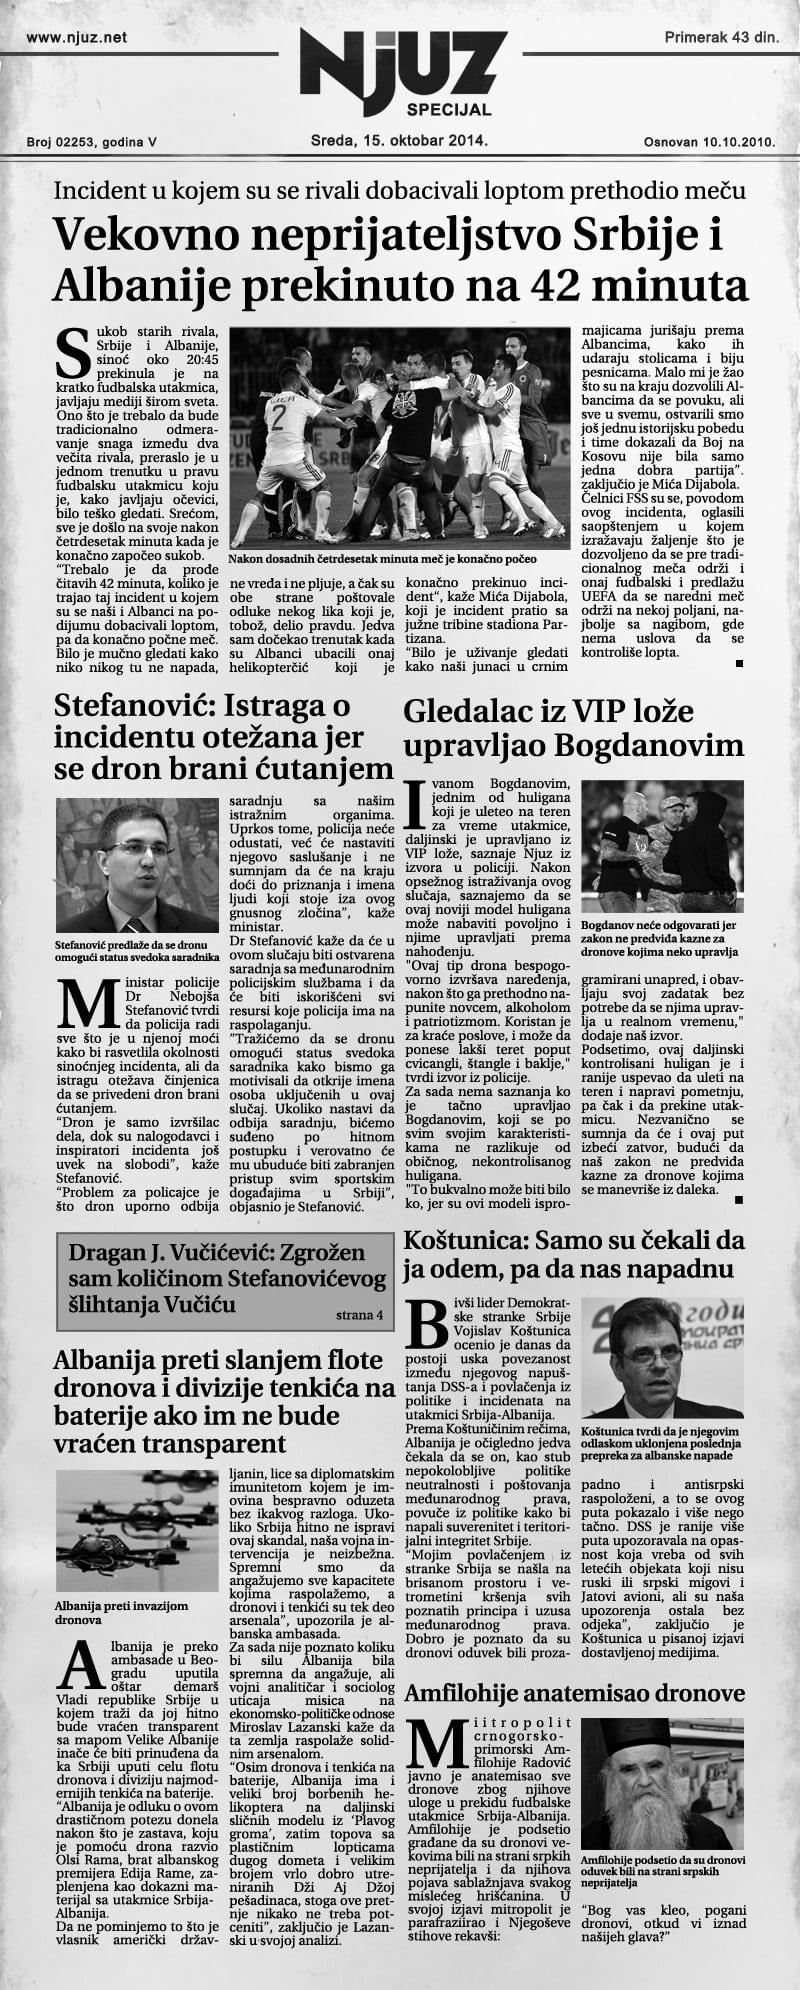 00_njuz specijal14_prekid utakmice sa albanijom